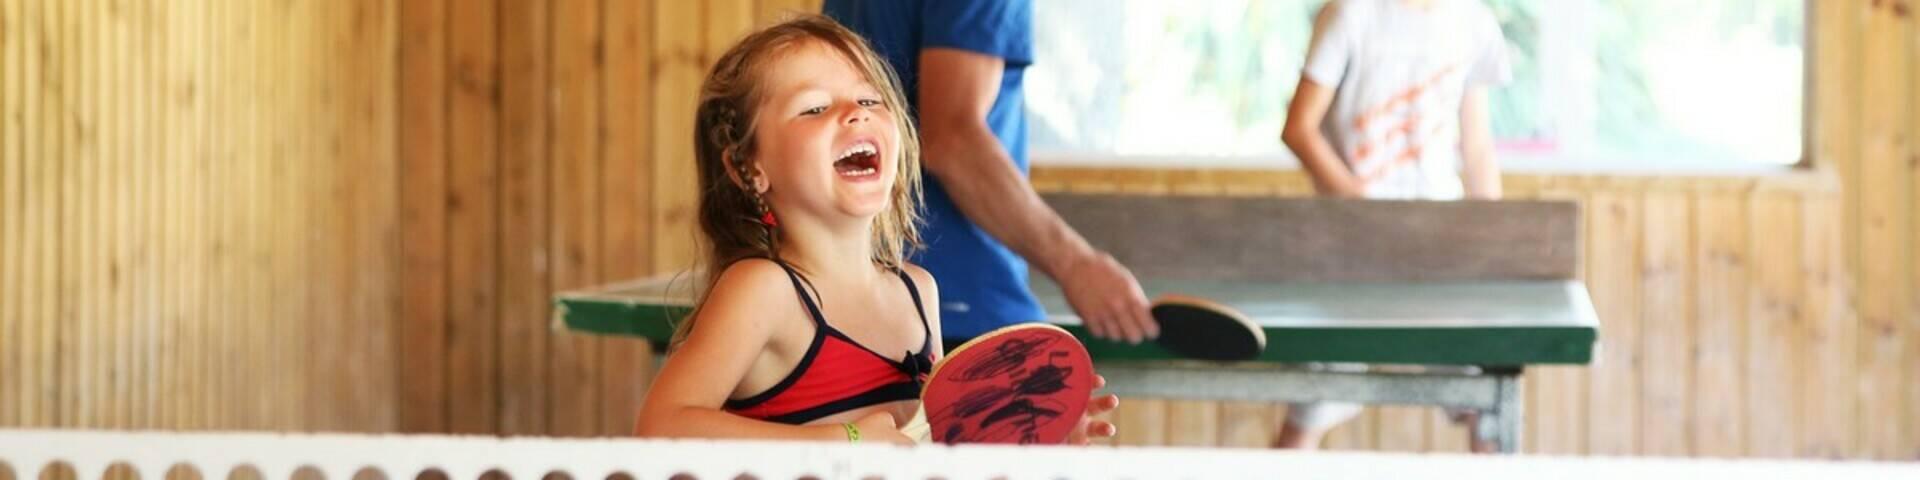 Kleines Mädchen am Pingpong-Tisch